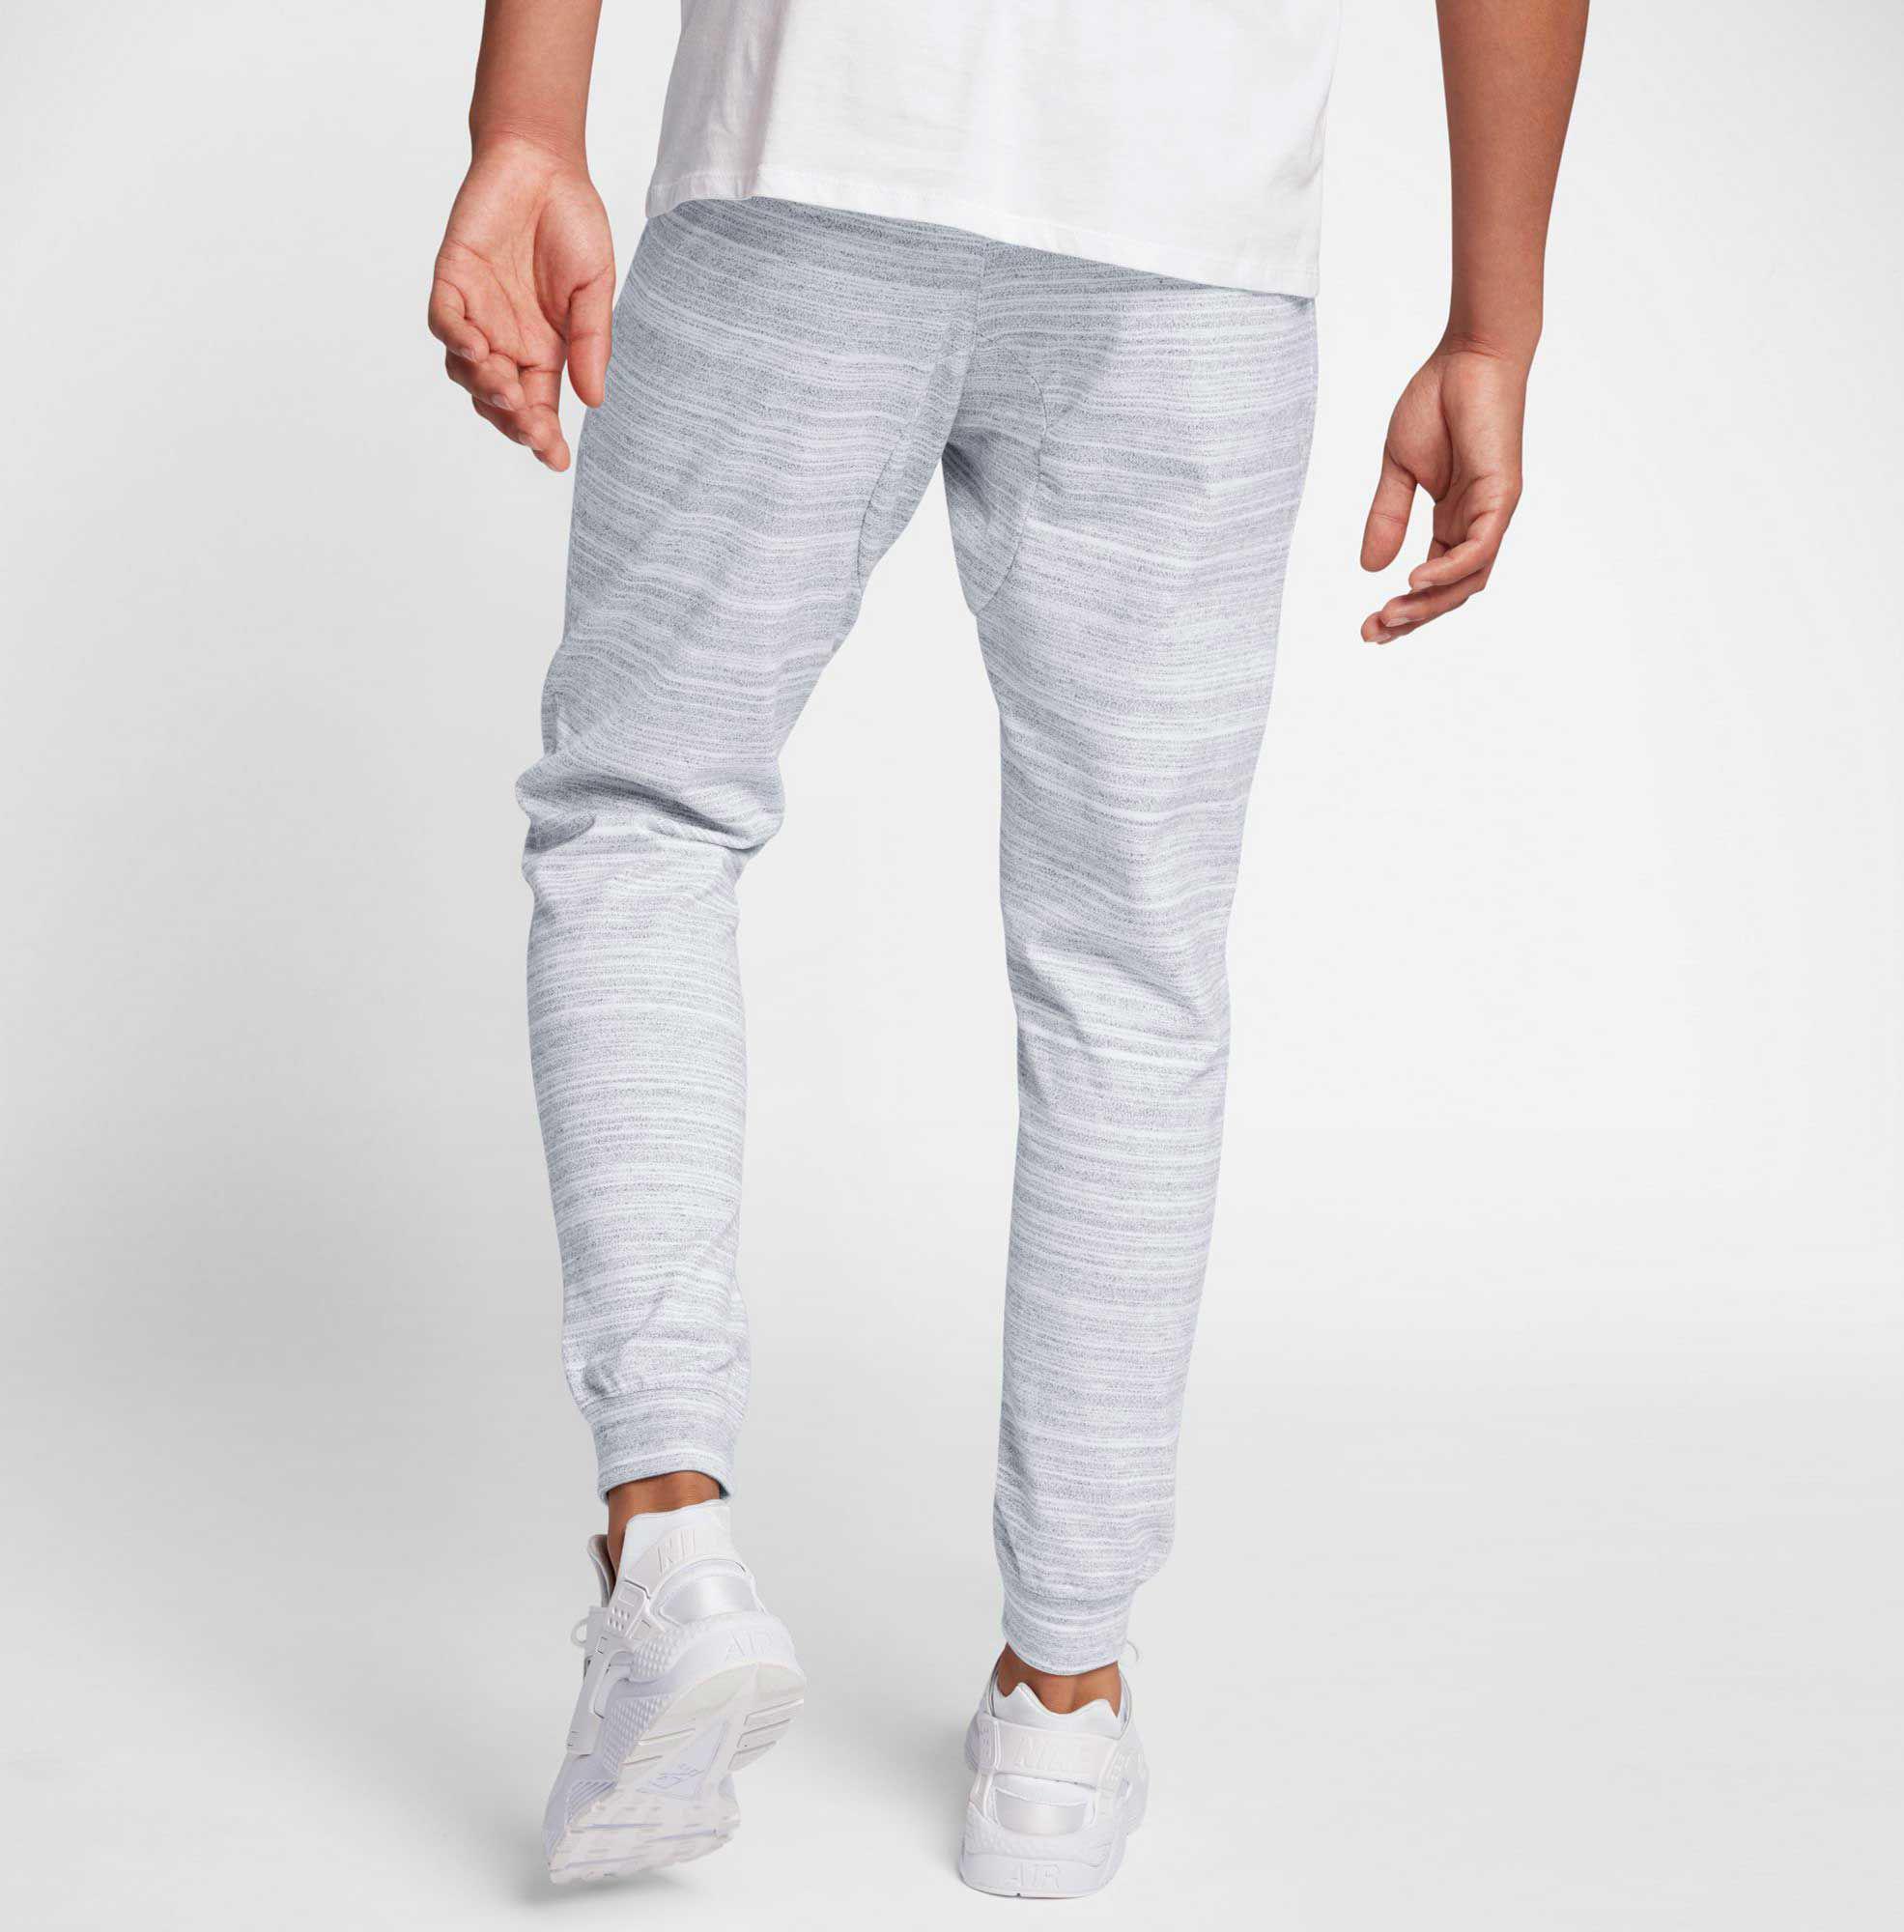 ffebd0741a0536 Lyst - Nike Sportswear Advance 15 Knit Joggers for Men